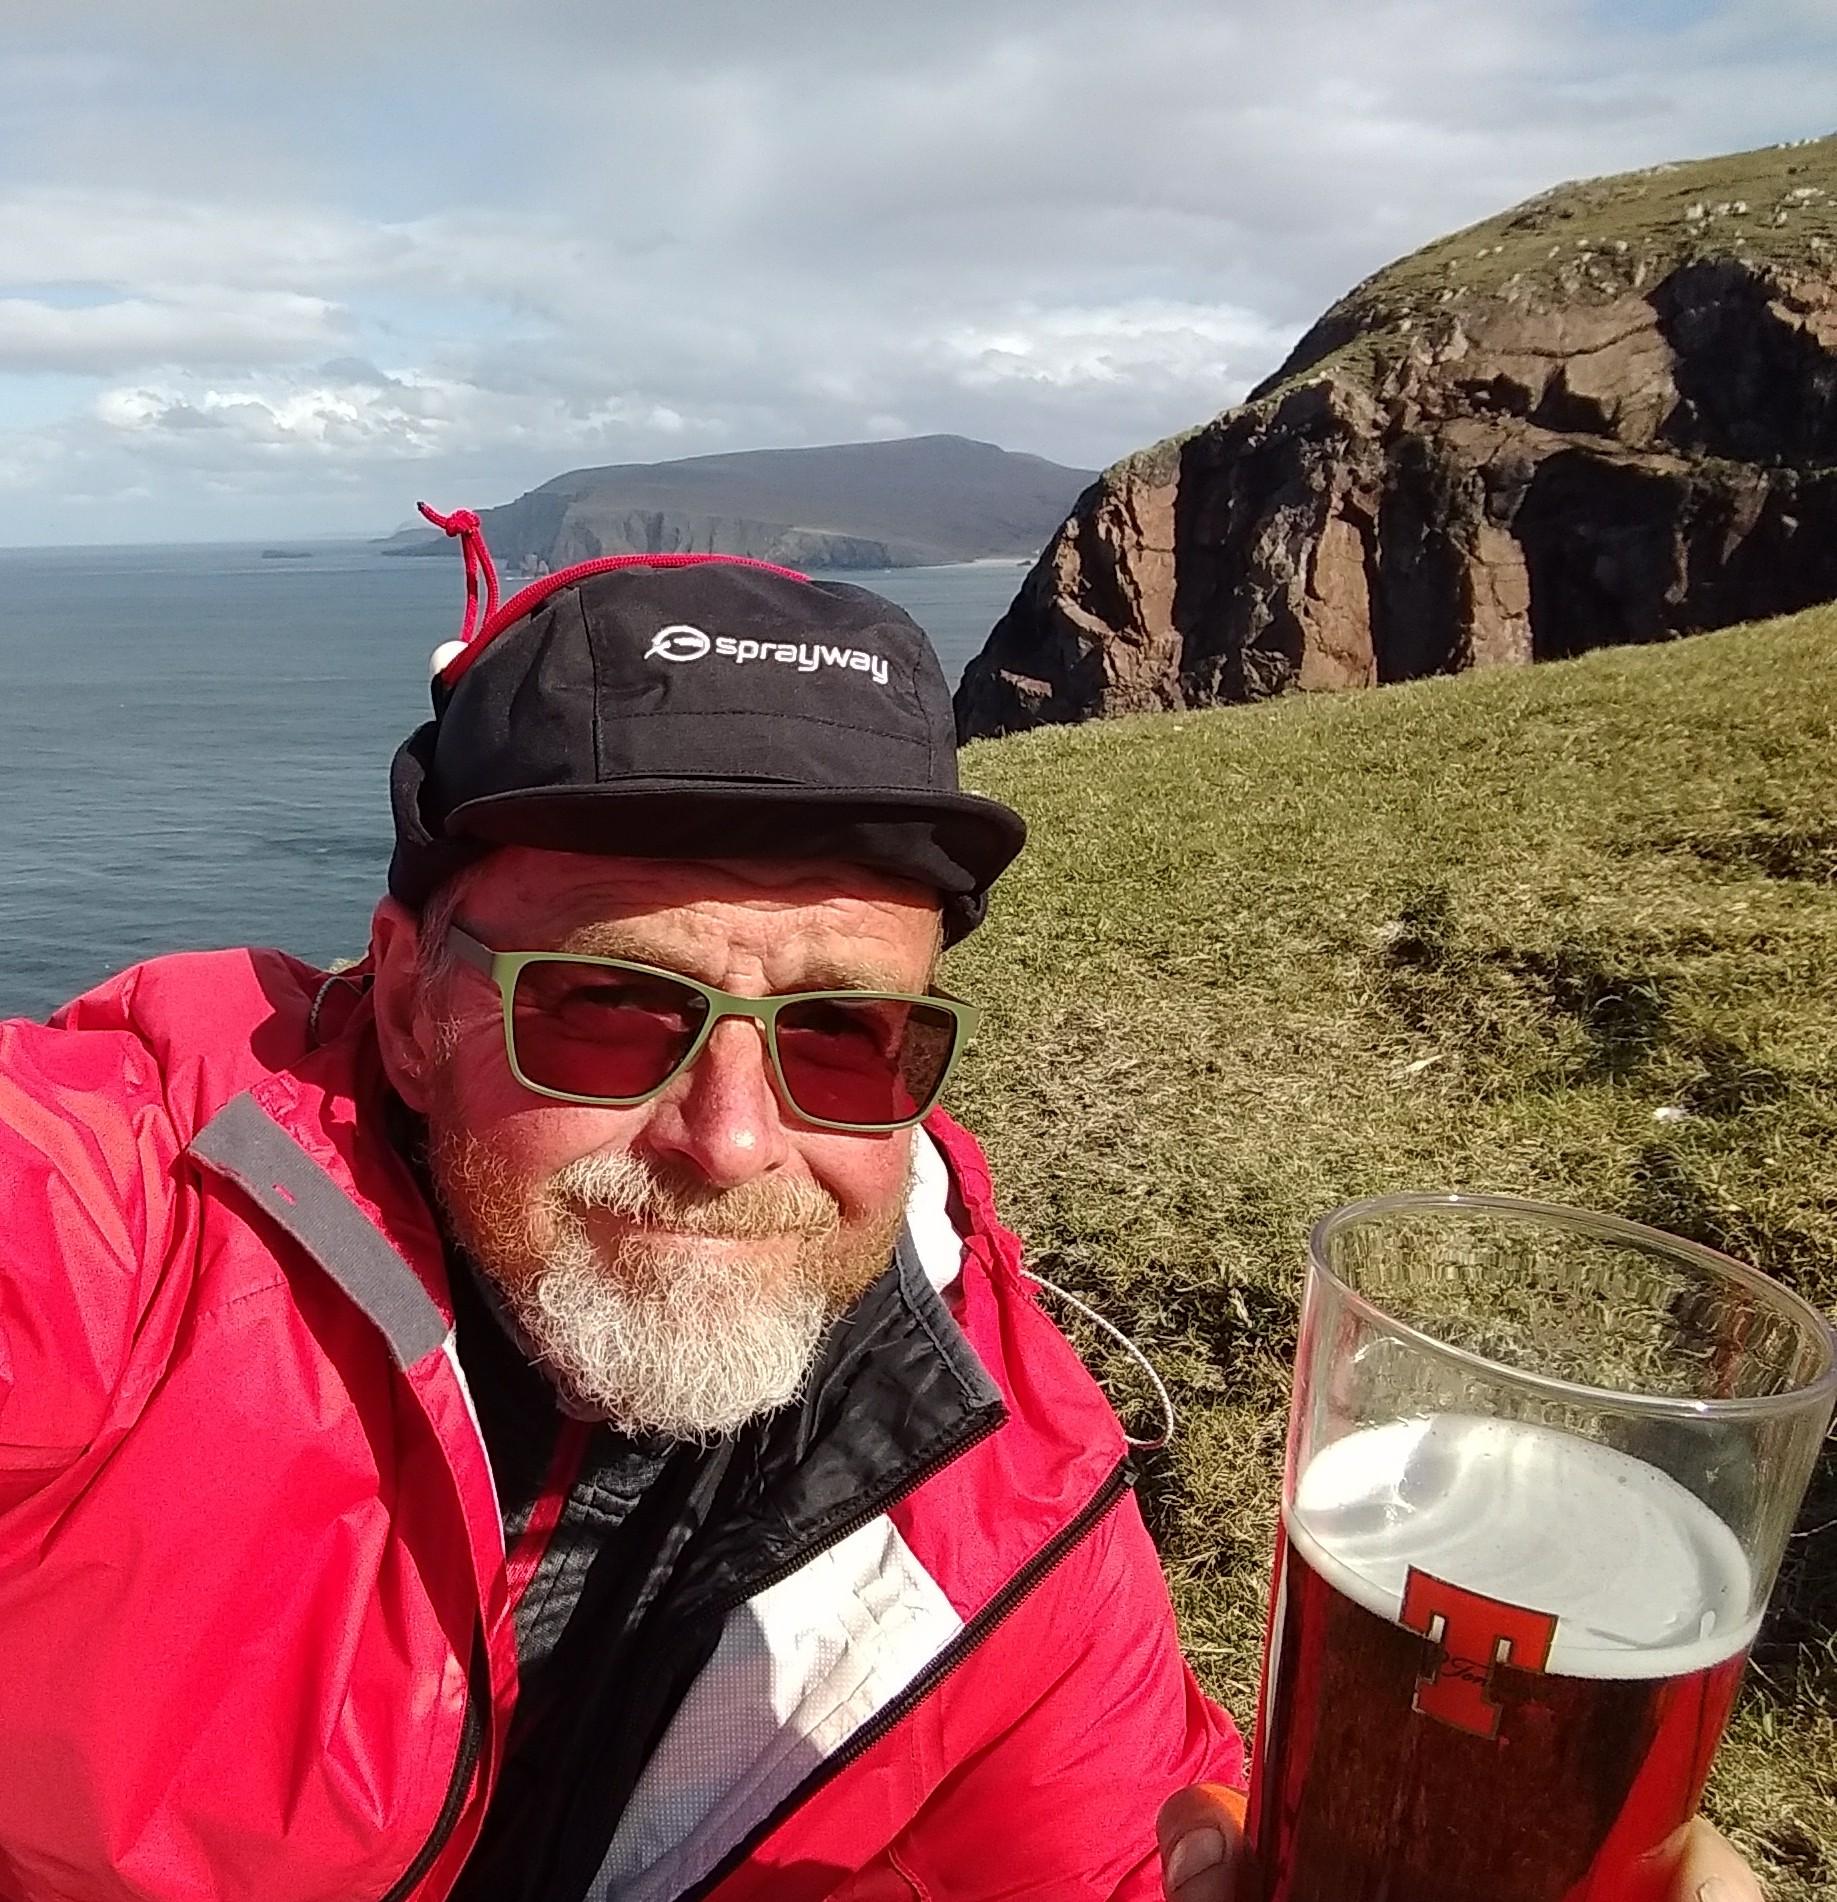 cape wrath in scotland